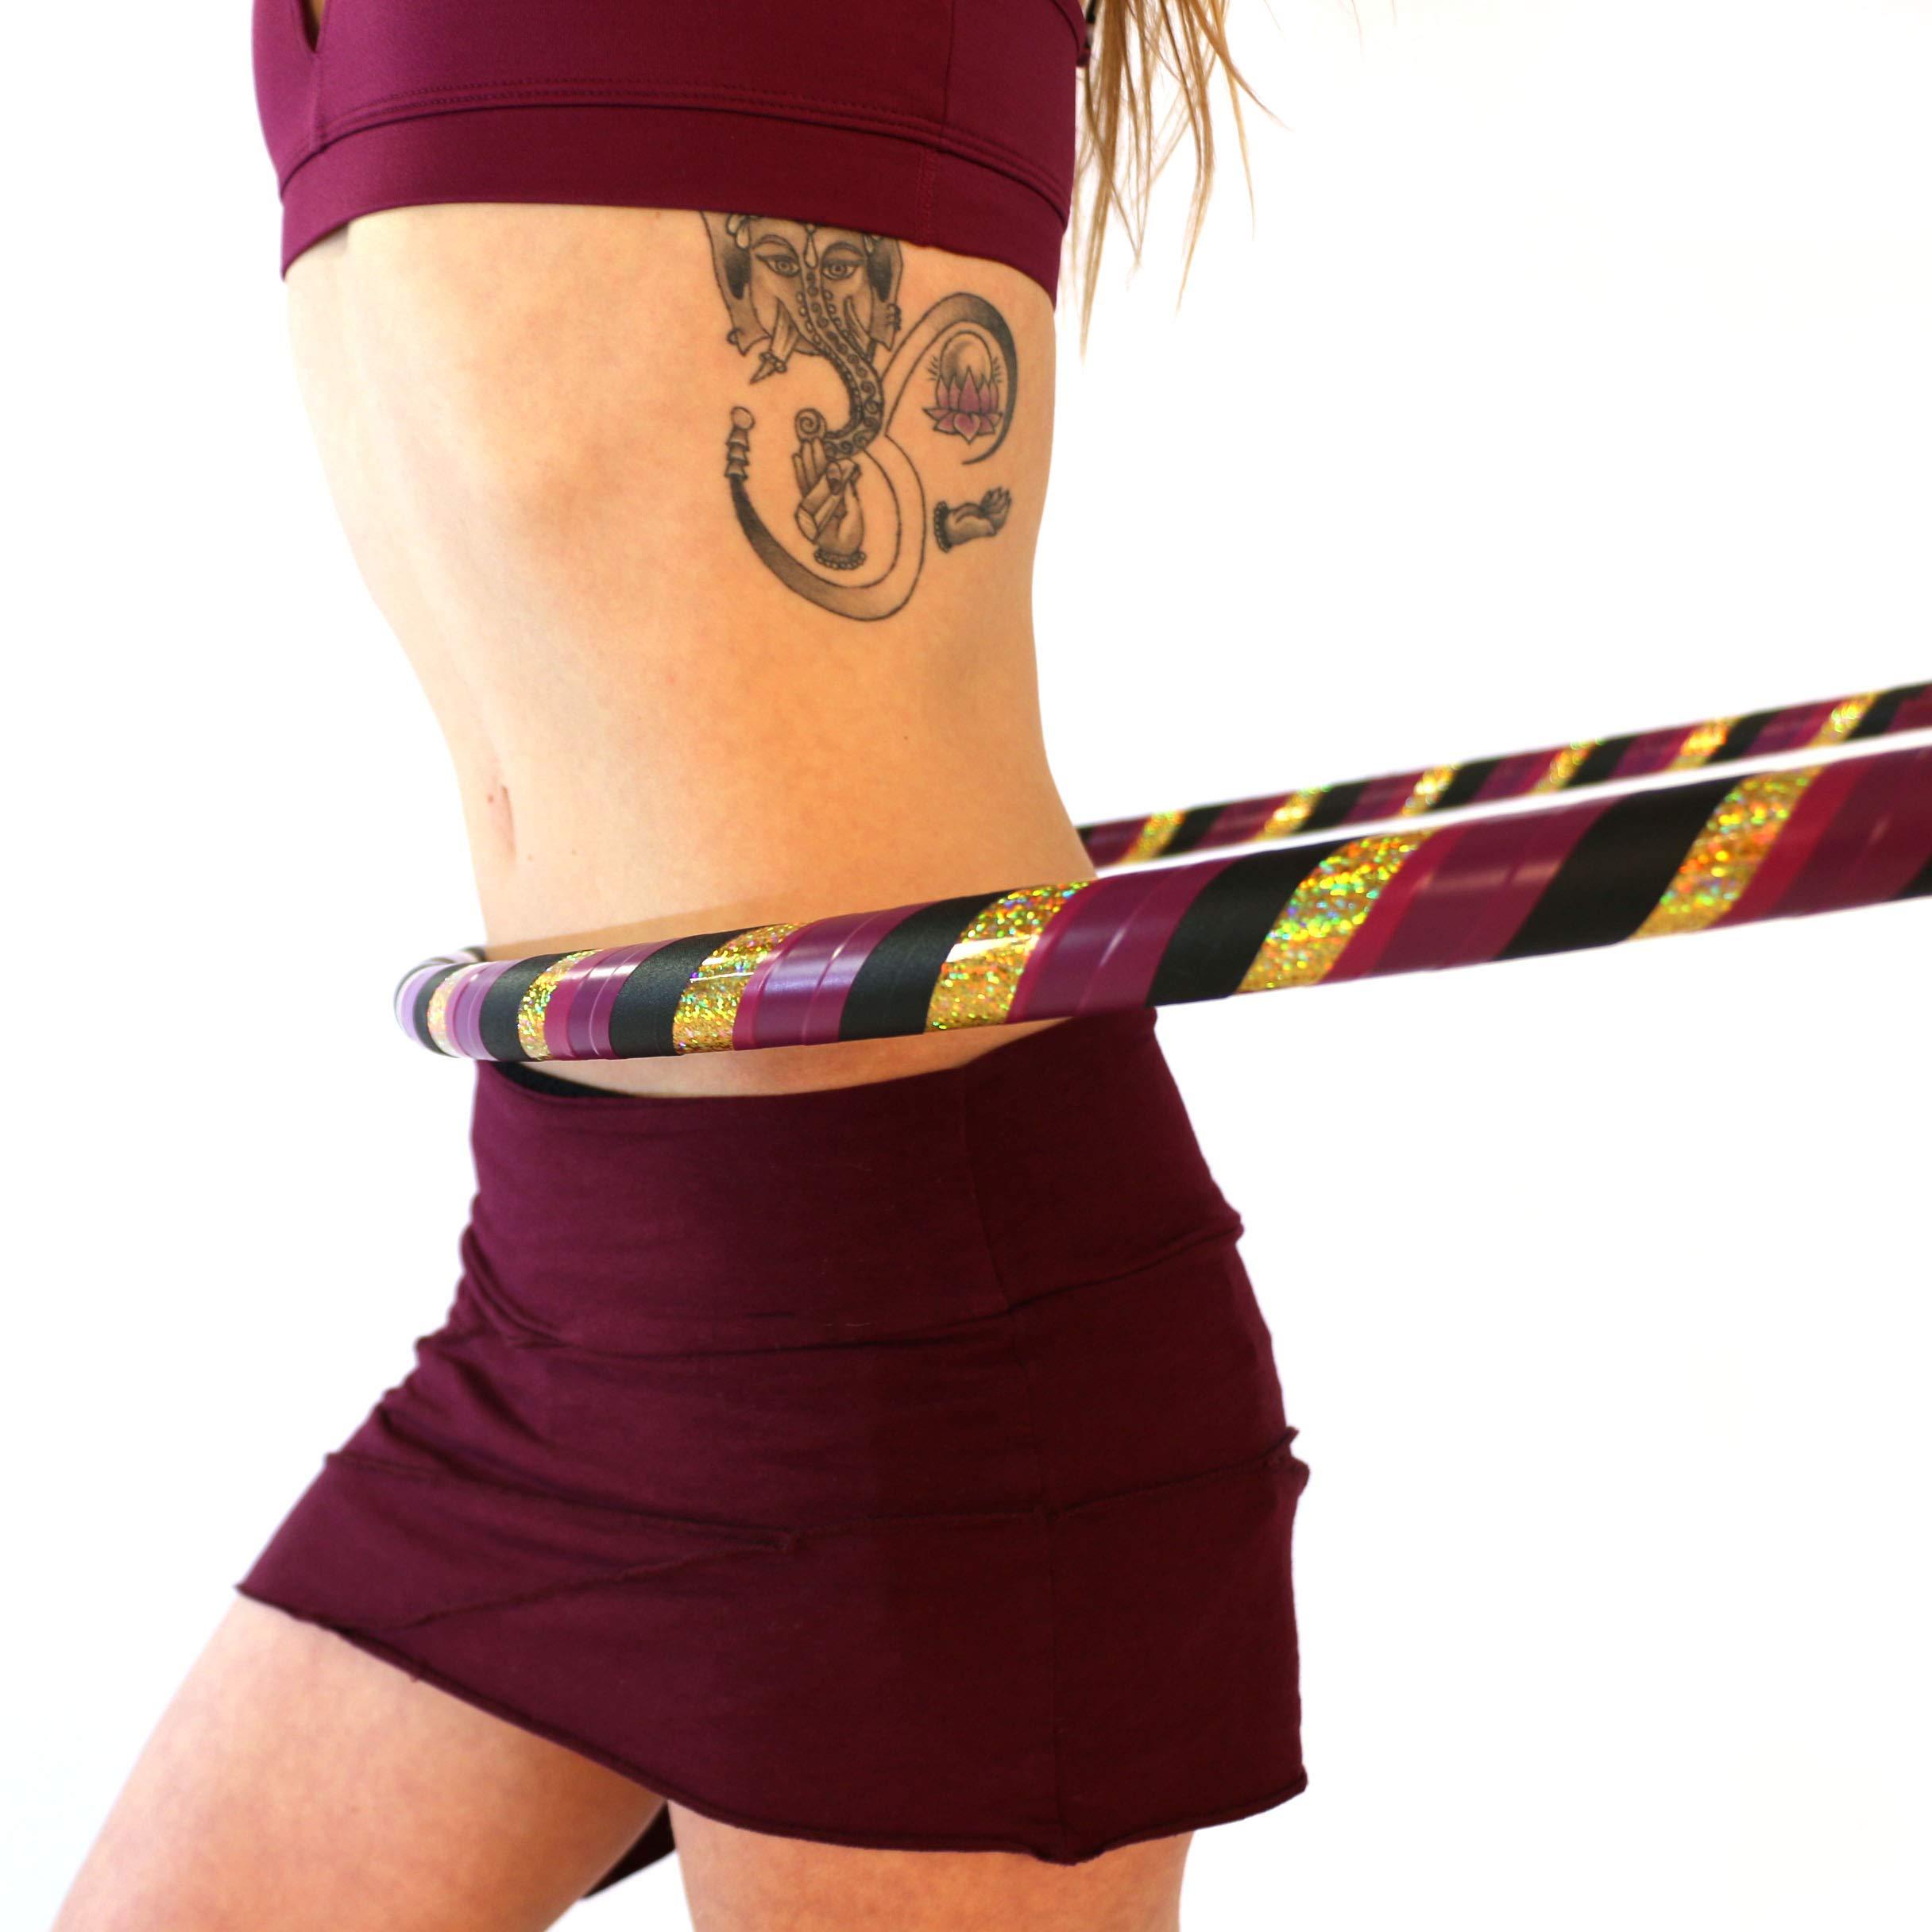 Adult Beginner Hula Hoop (All That Glitters, Large - 40'' Diameter)